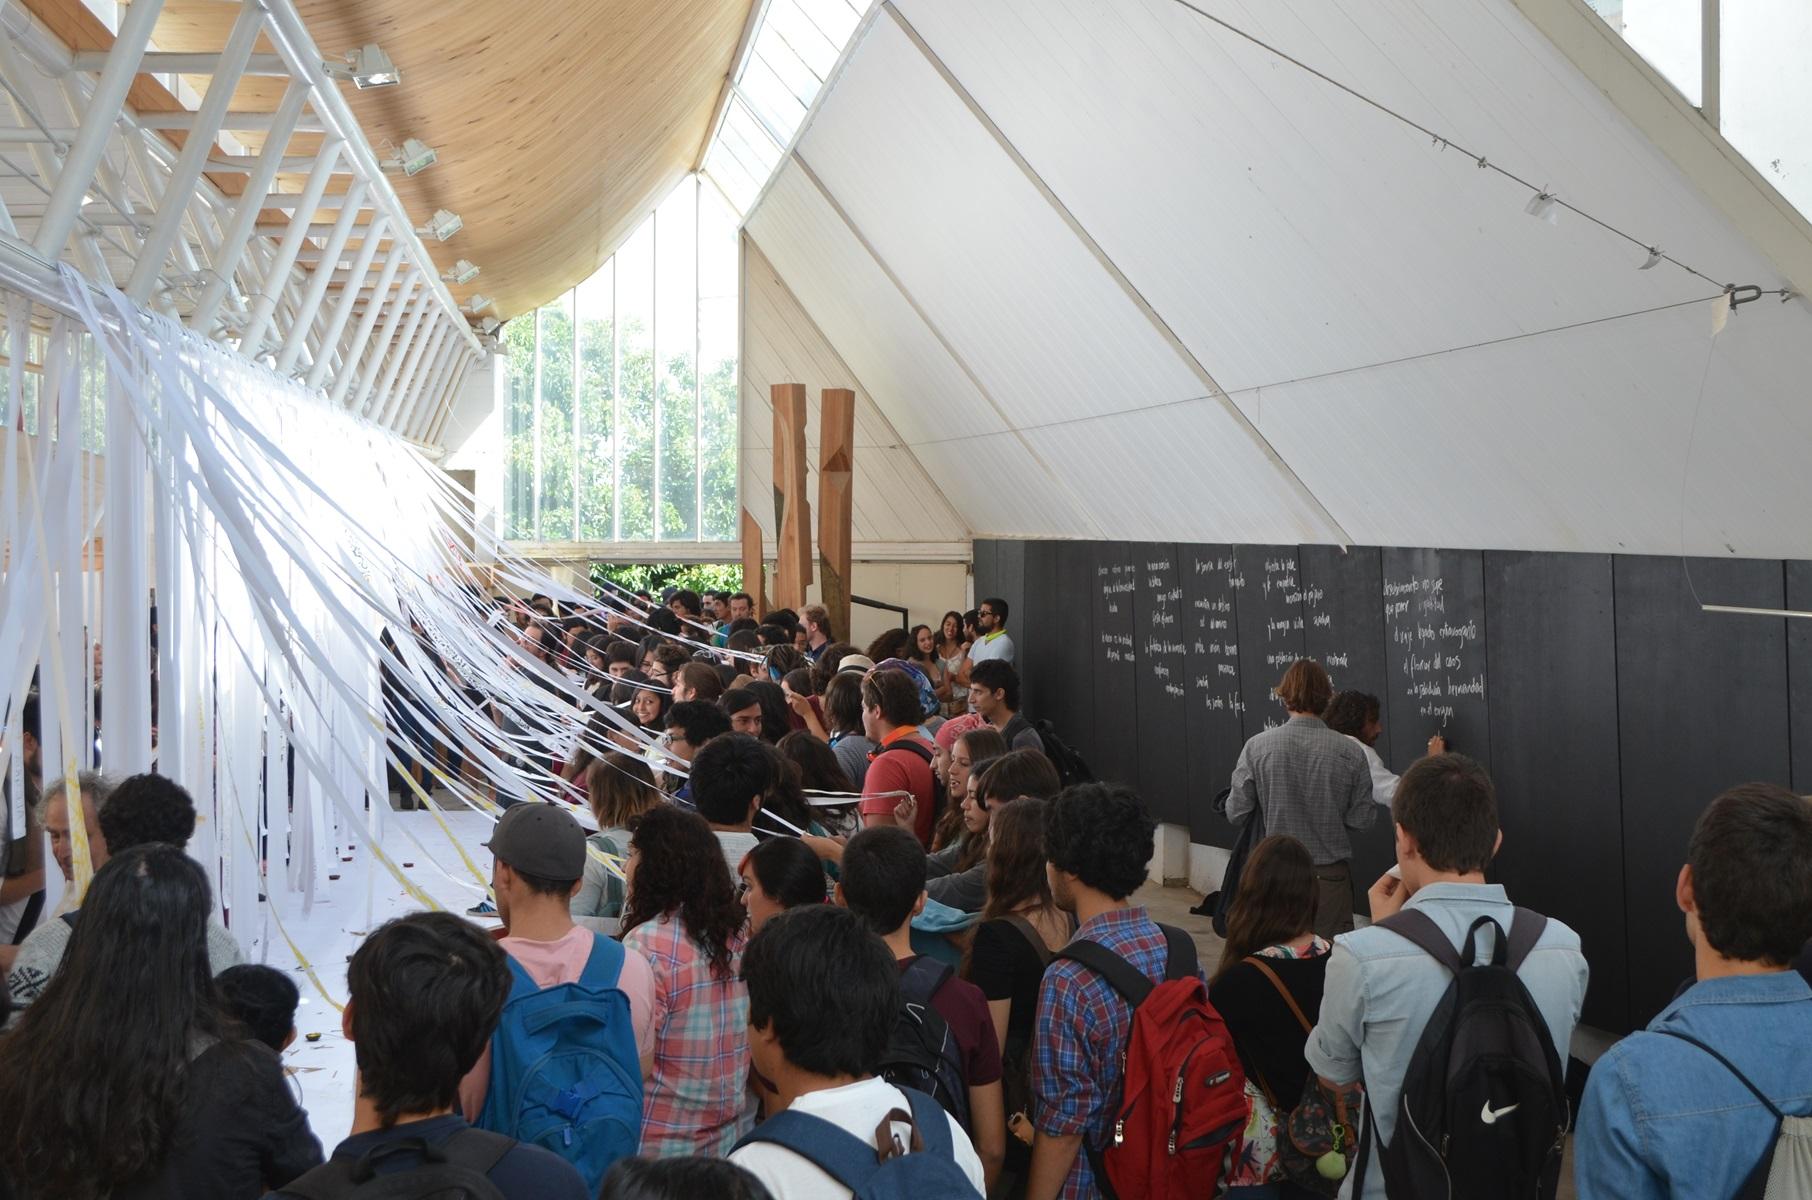 La escuela de arquitectura y dise o dio la bienvenida a un for Arquitectura y diseno las palmas